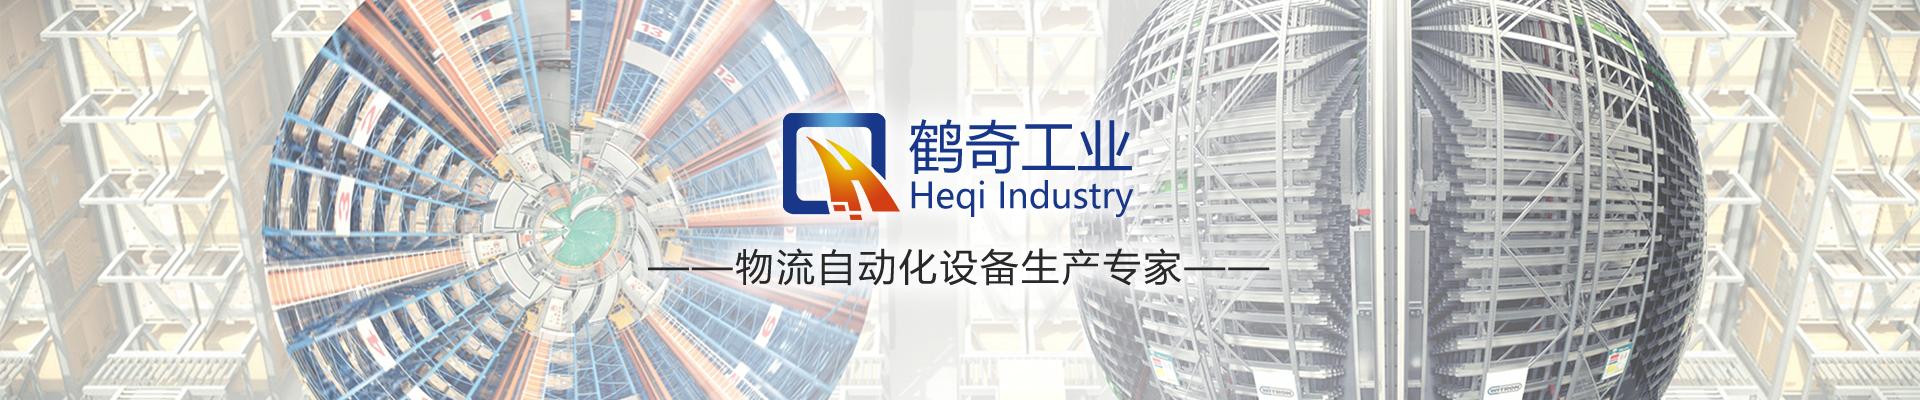 江蘇鶴奇工業自動化設備有限公司公司介紹